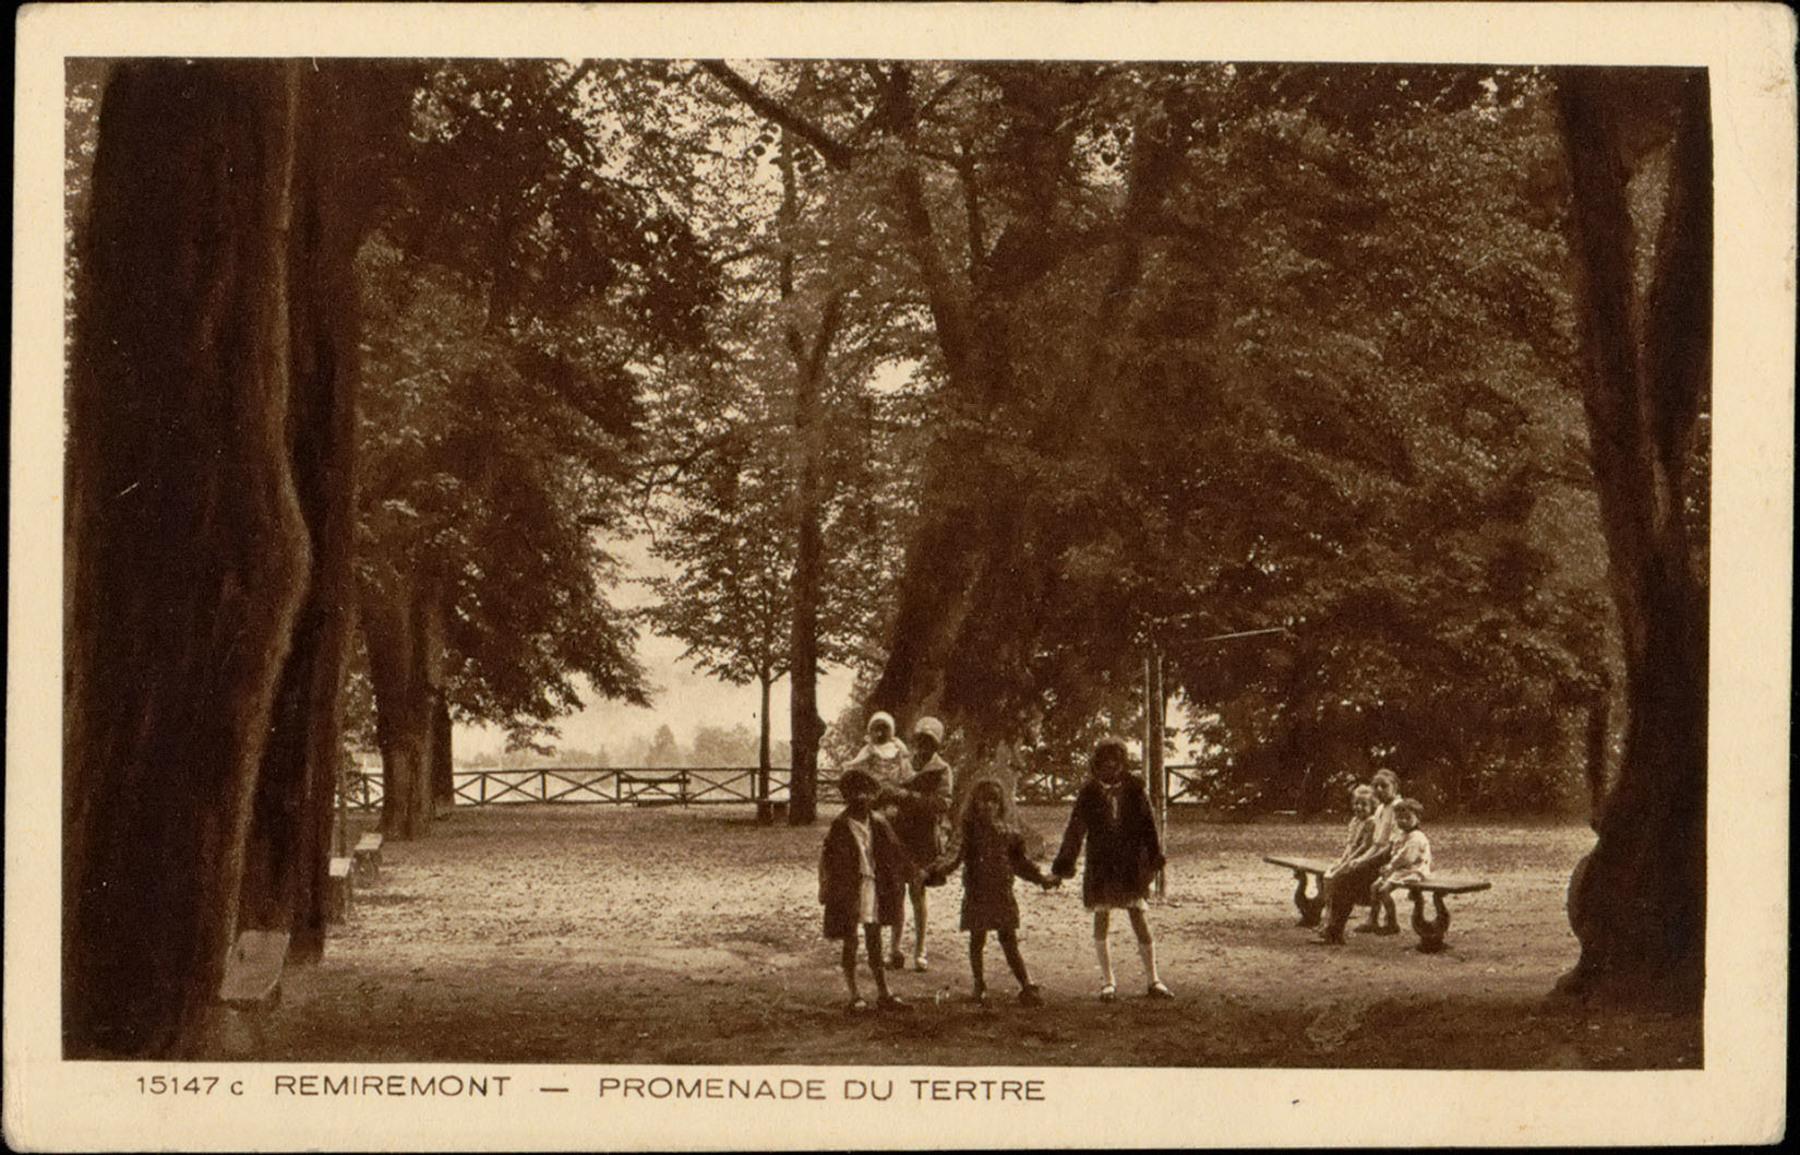 Contenu du Remiremont, Promenade du Tertre